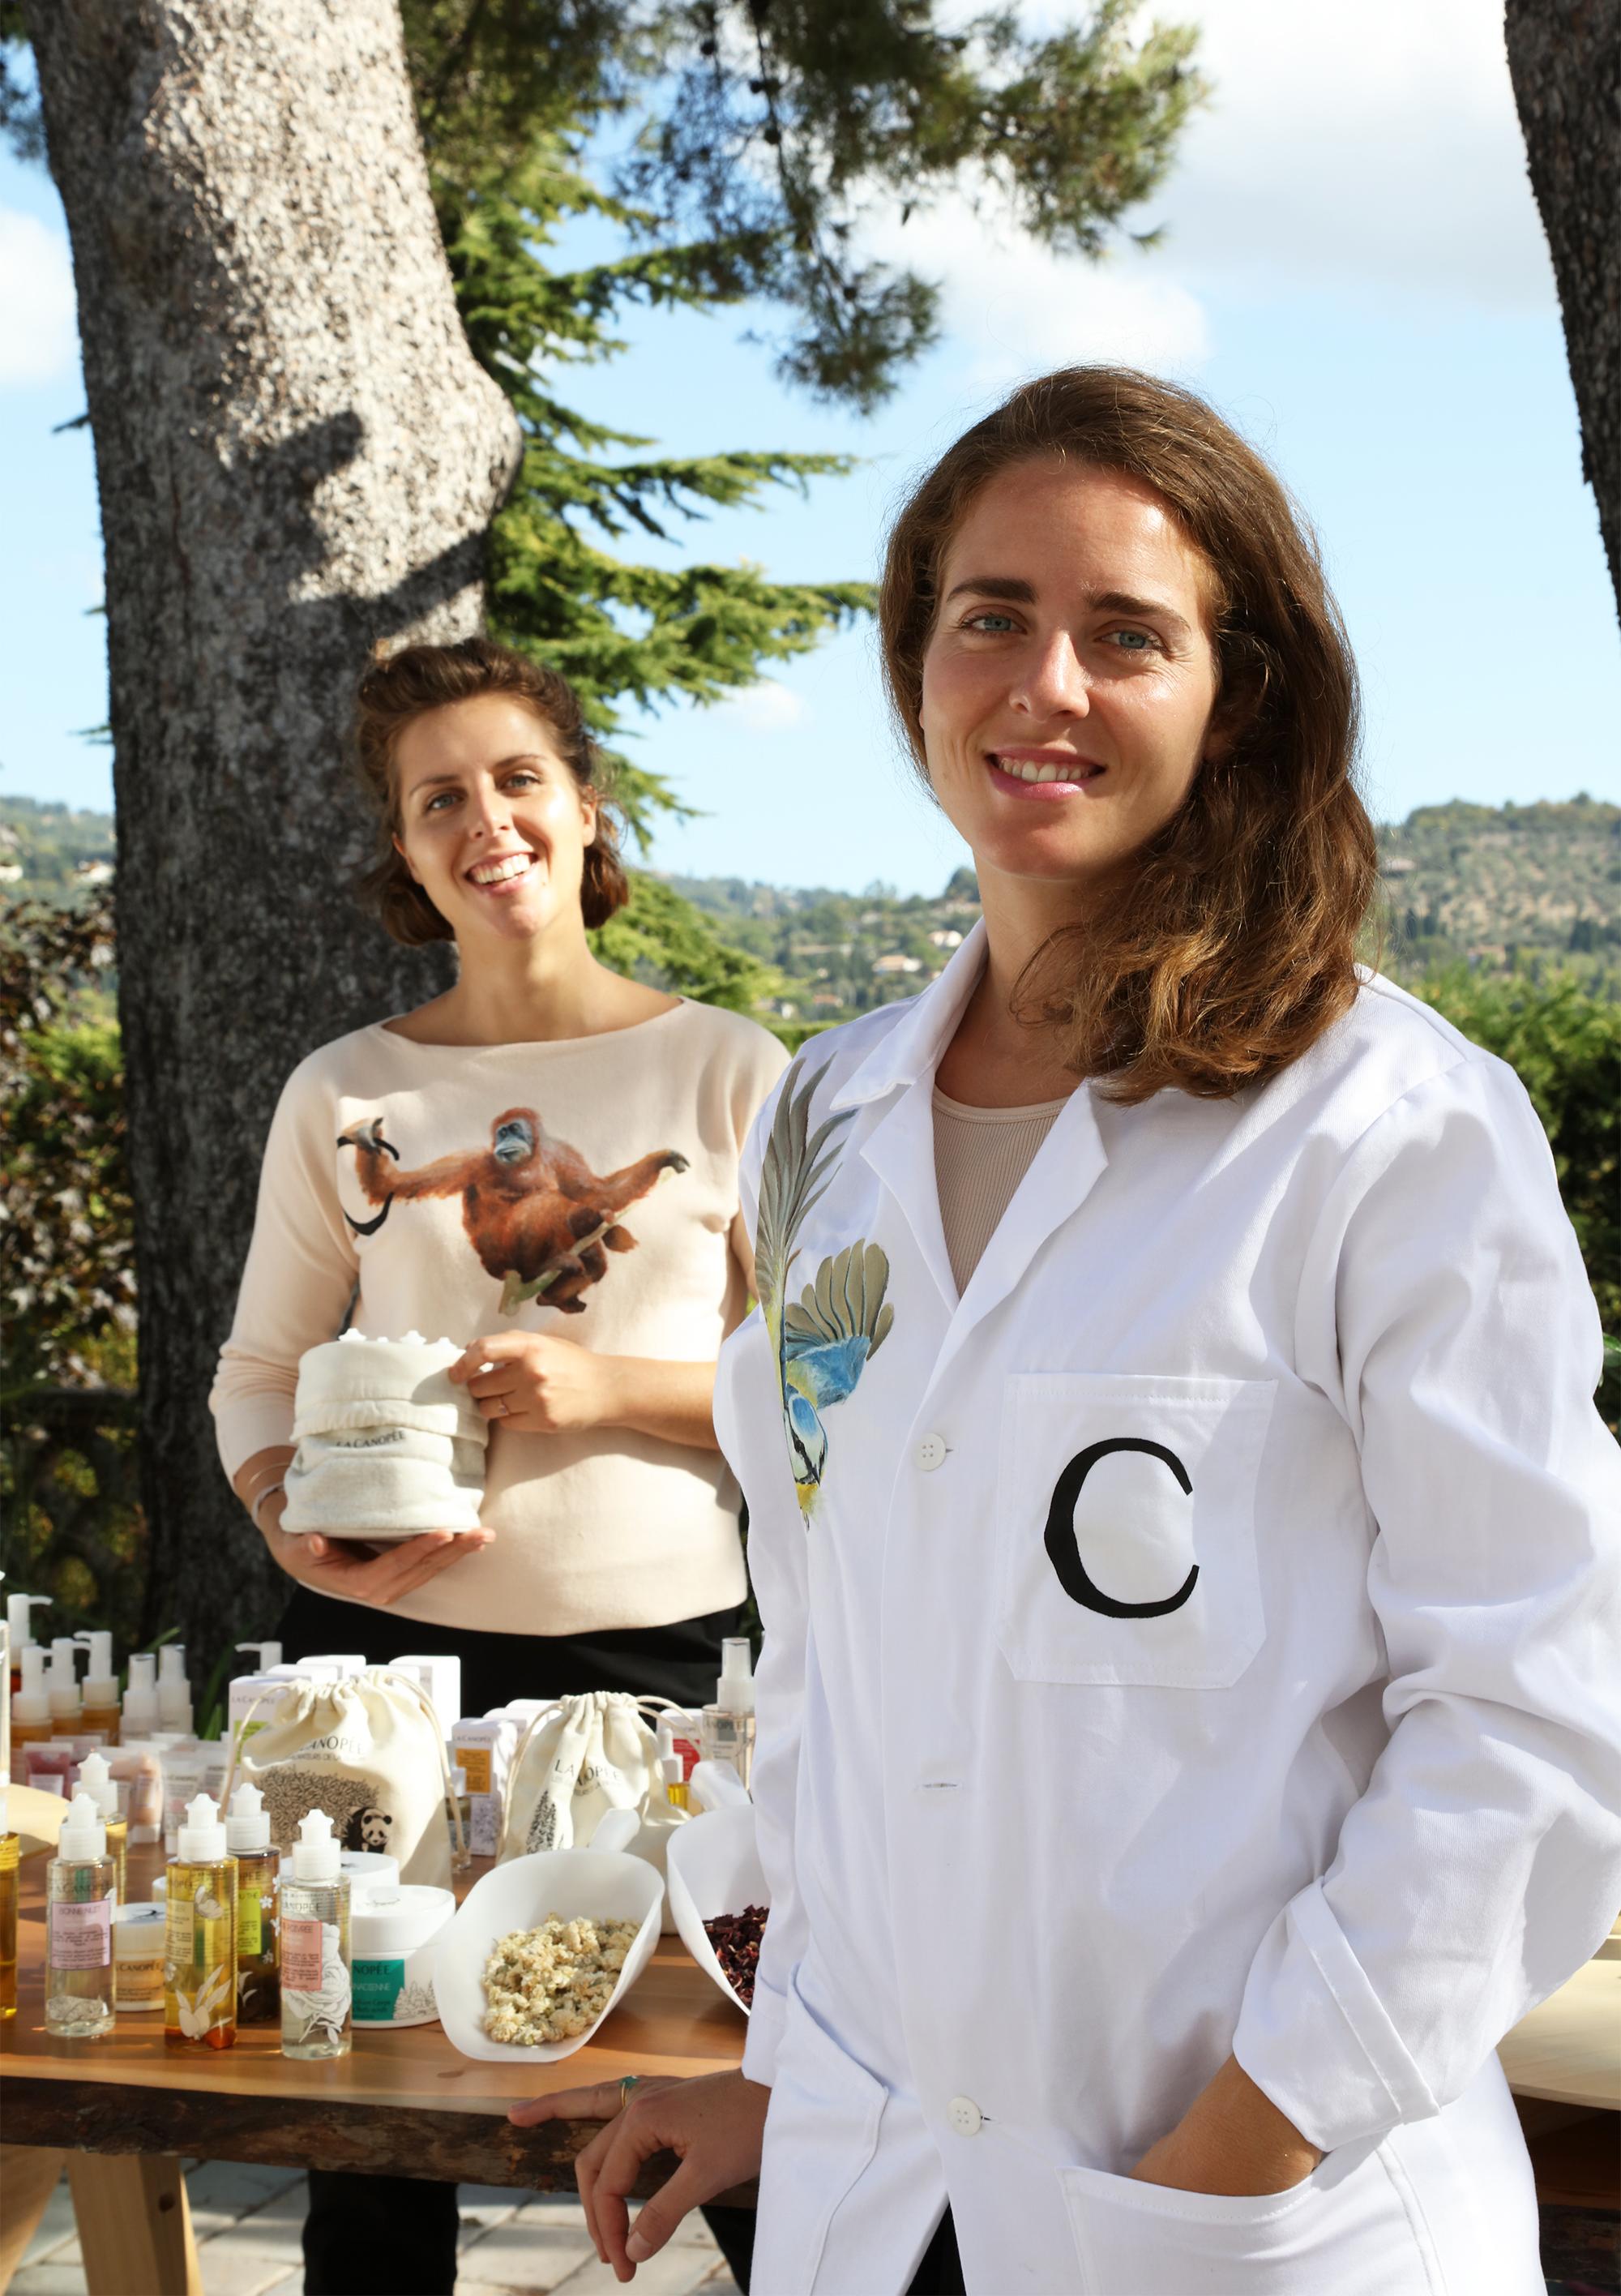 Cécile and Juliette - Founder La Canopée